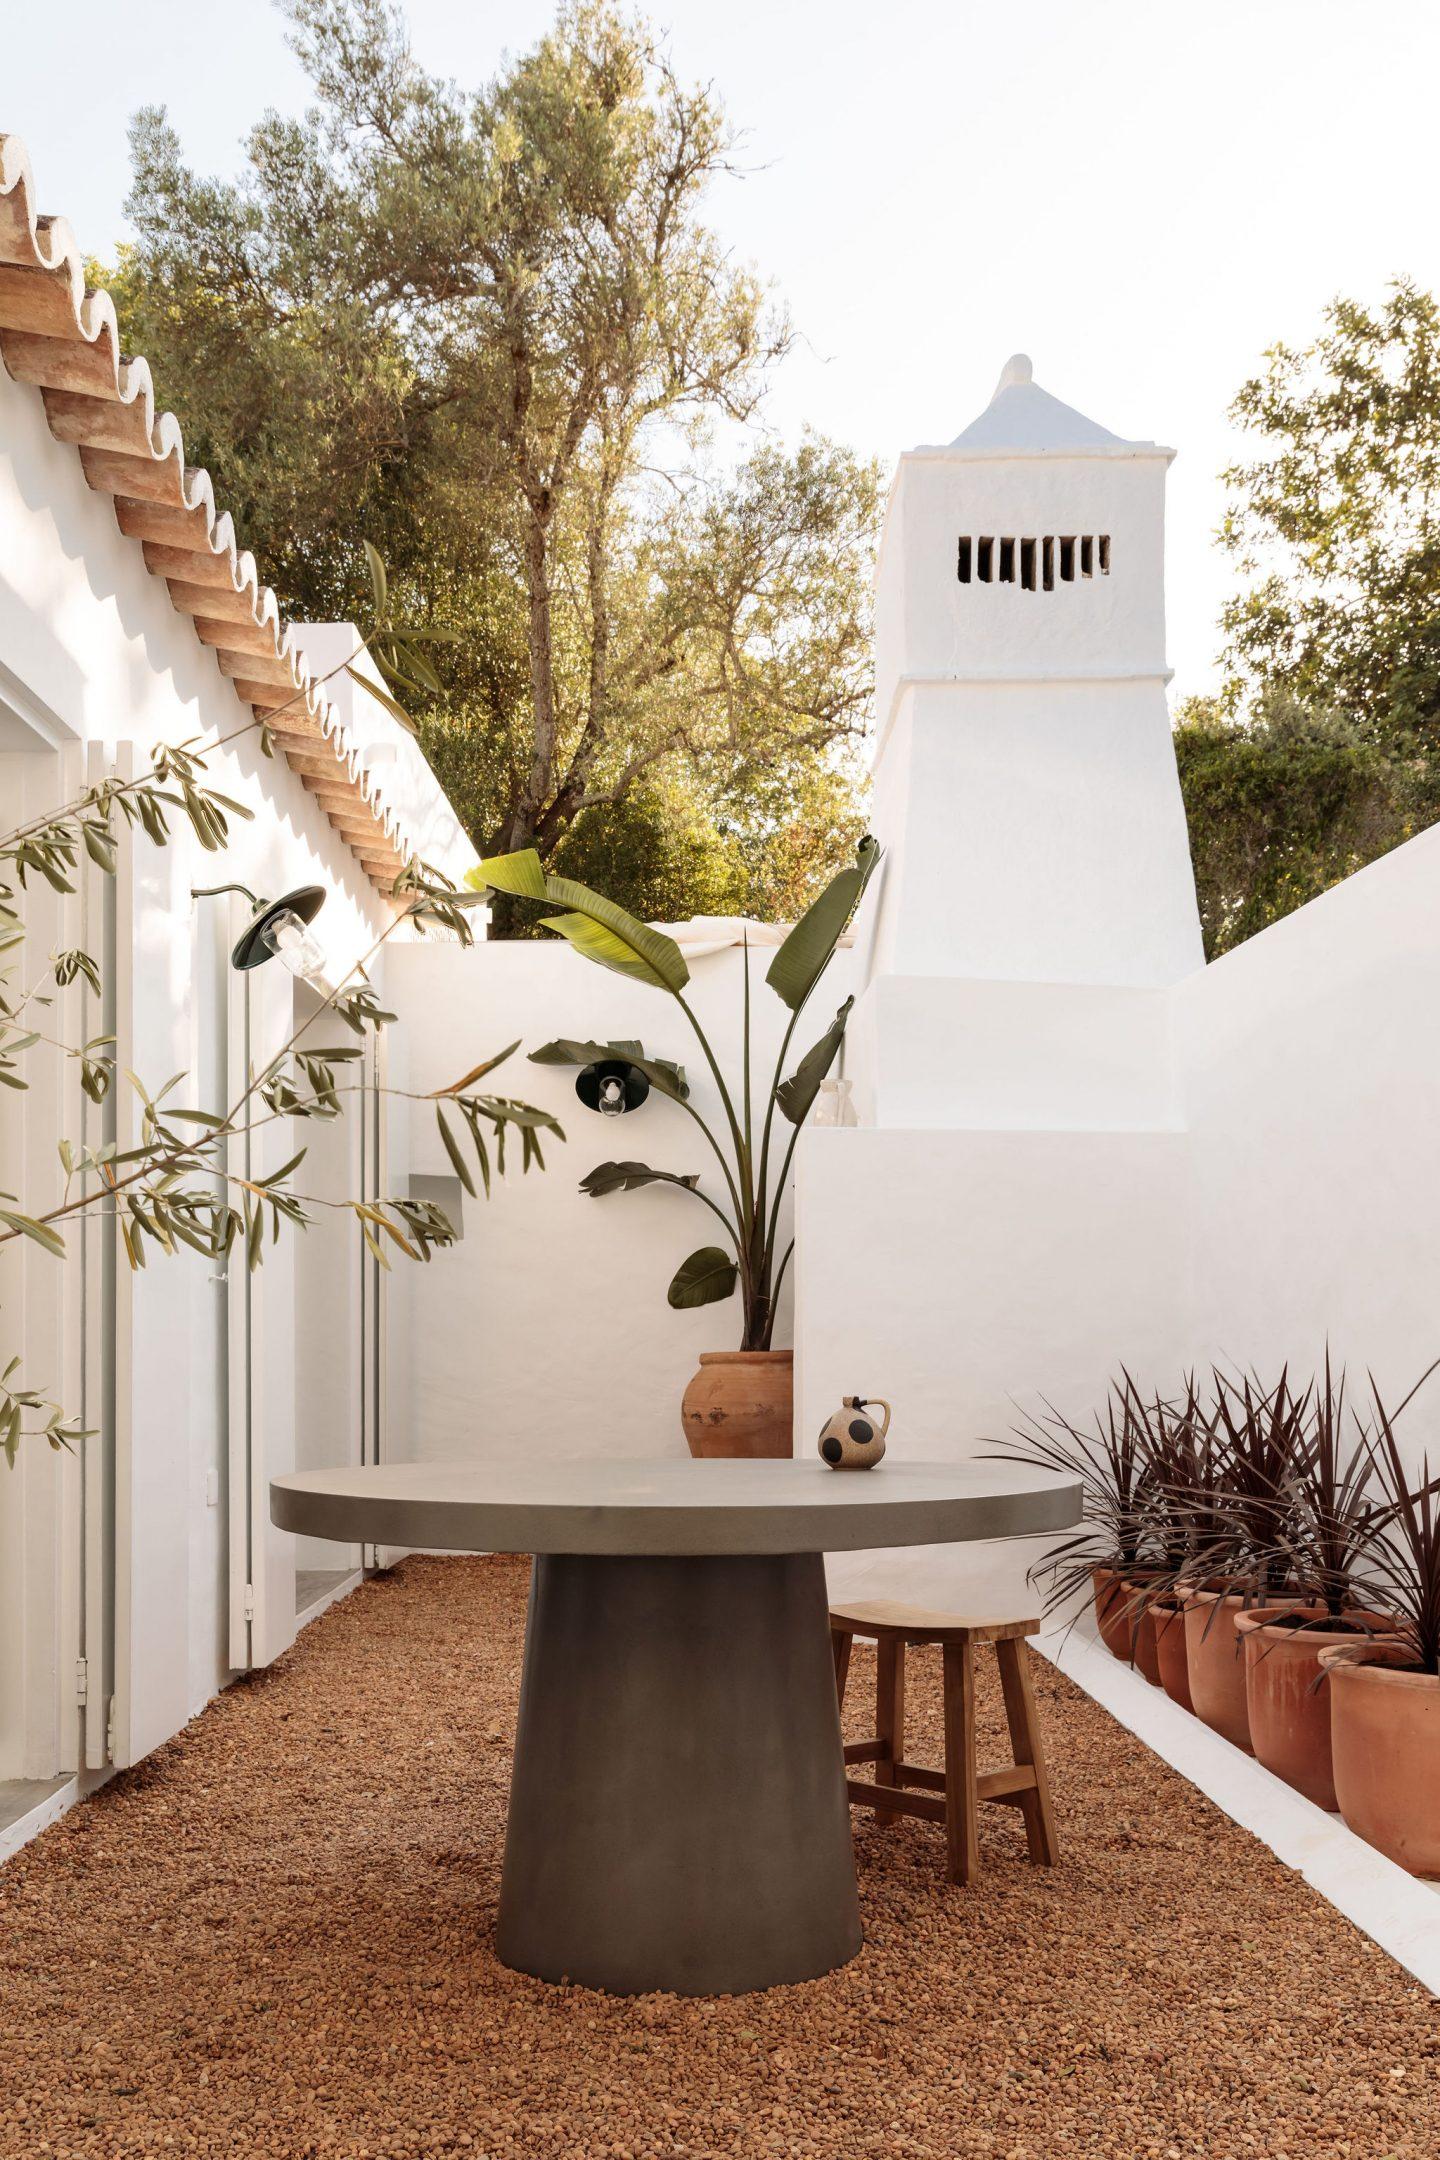 IGNANT-Architecture-Atelier-Rua-Casa-Um-010